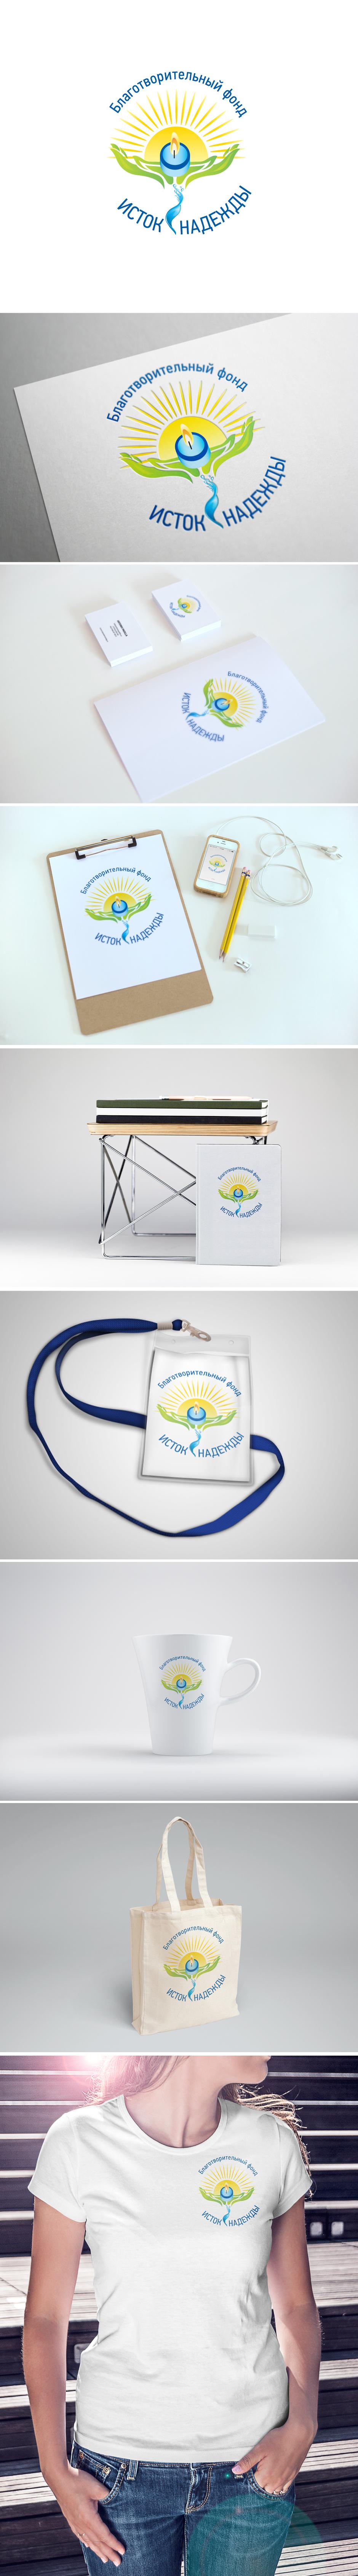 """Логотип для Благотворительного фонда """"Исток Надежды"""""""